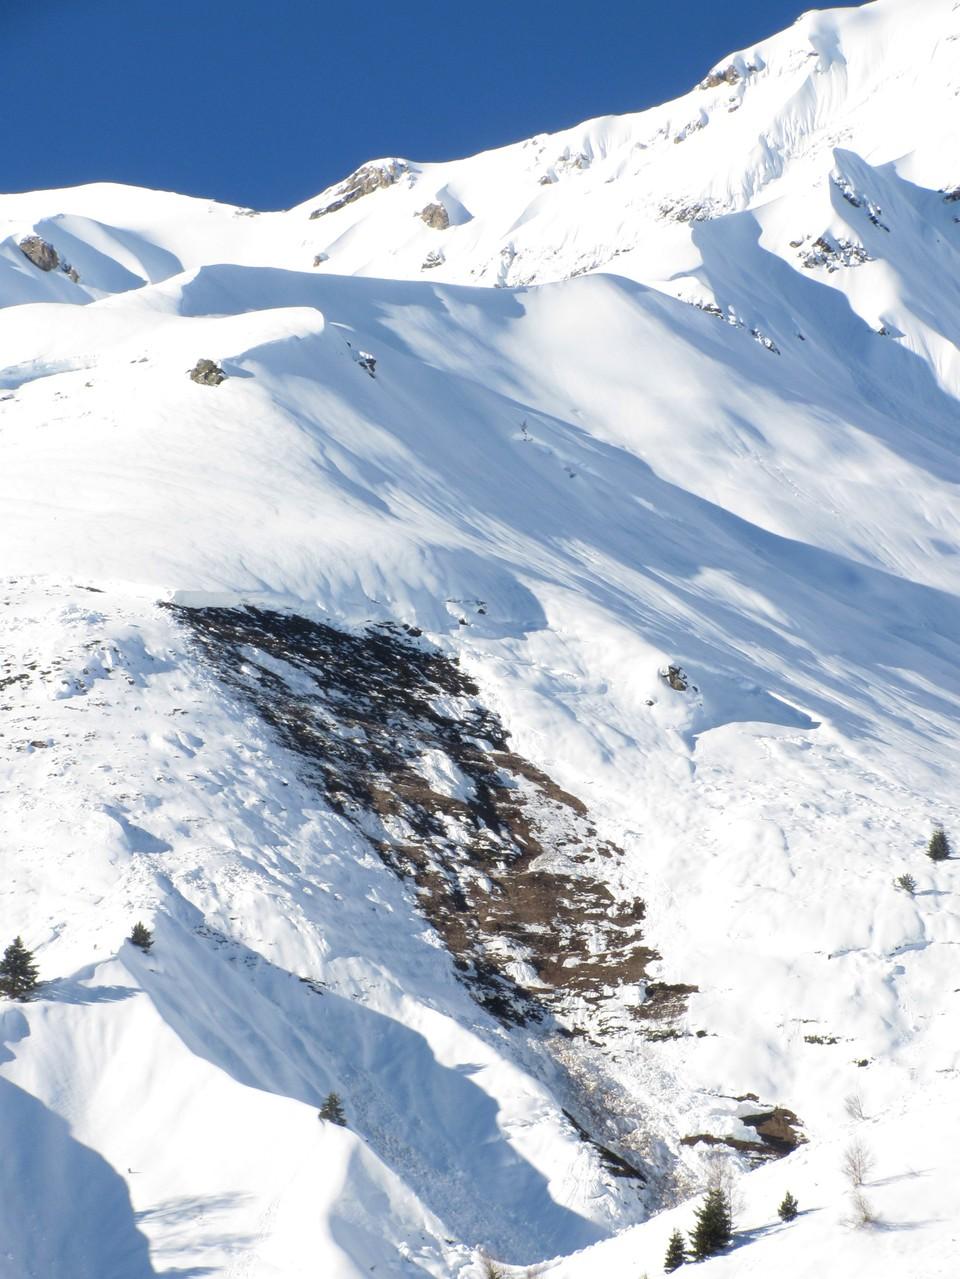 Avalanche de plaque au-dessus de Barèges. On distingue très nettement la cassure. Photo prise le 28 janvier. © C-PRIM 2013